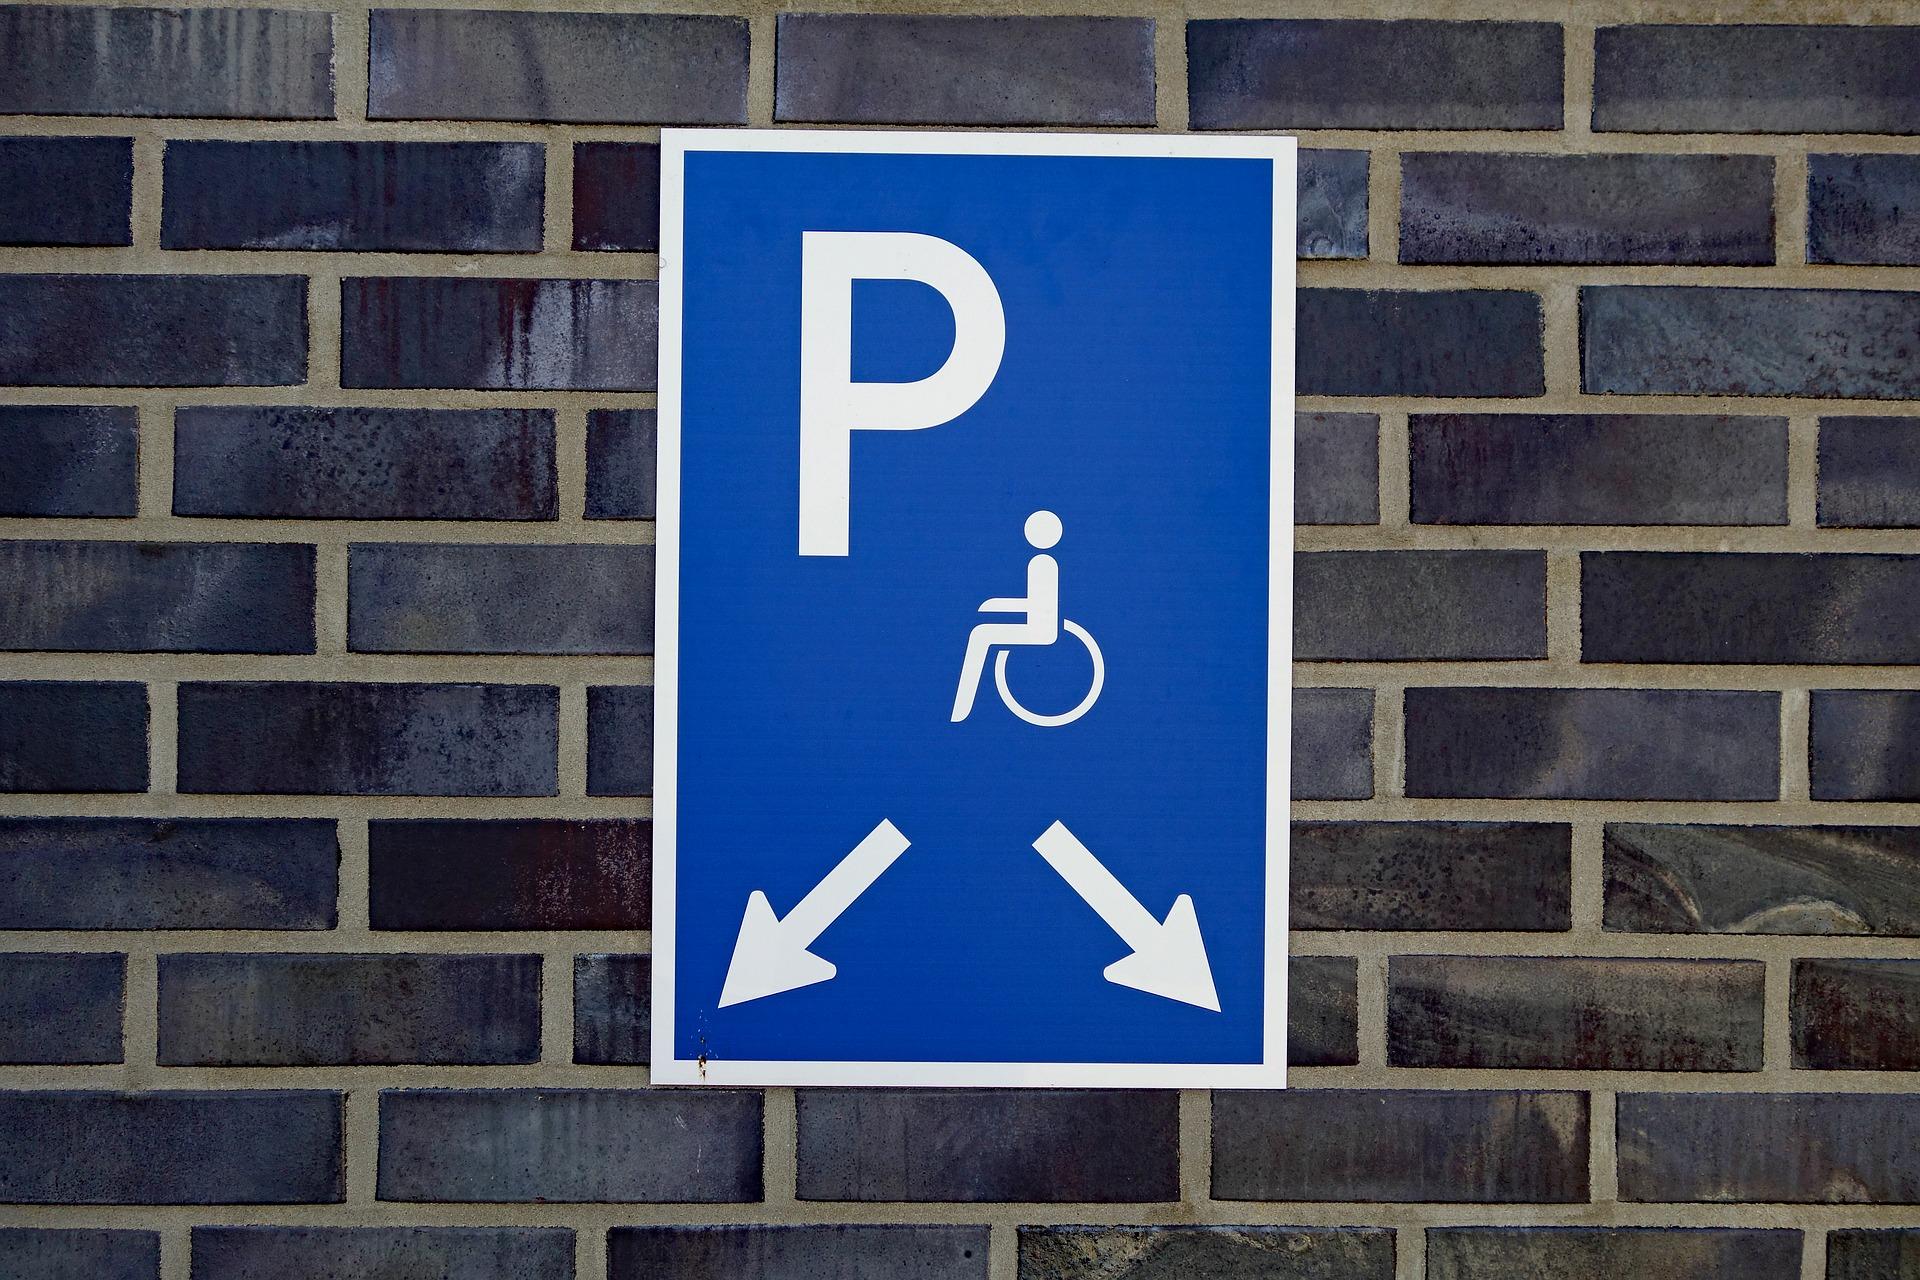 pass disabili-contrassegno-contrassegno disabilità-disabili-parcheggio disabili-ability channel-pass disabili mai restituiti